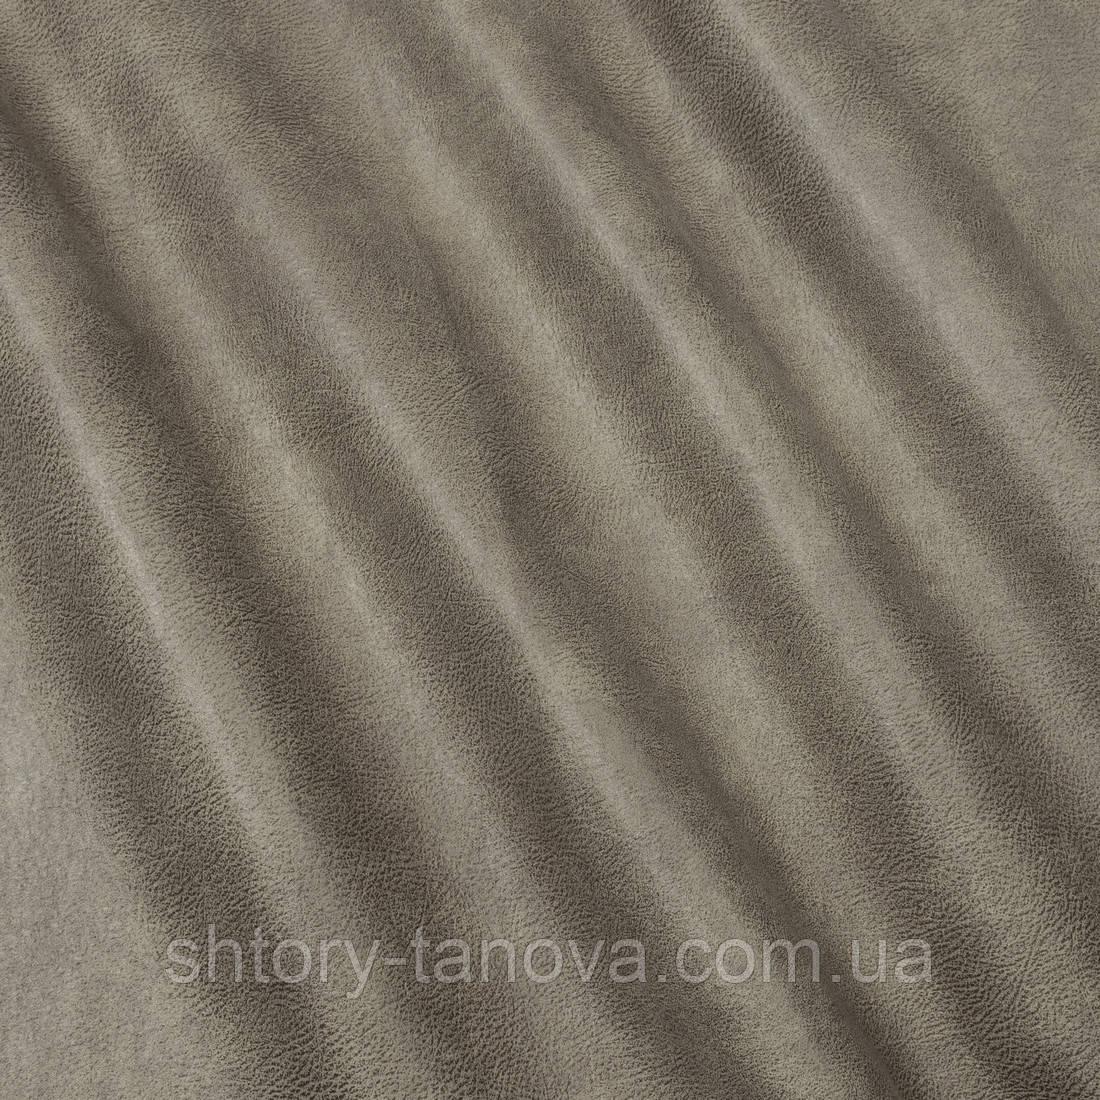 Антивандальна тканина т. пісок